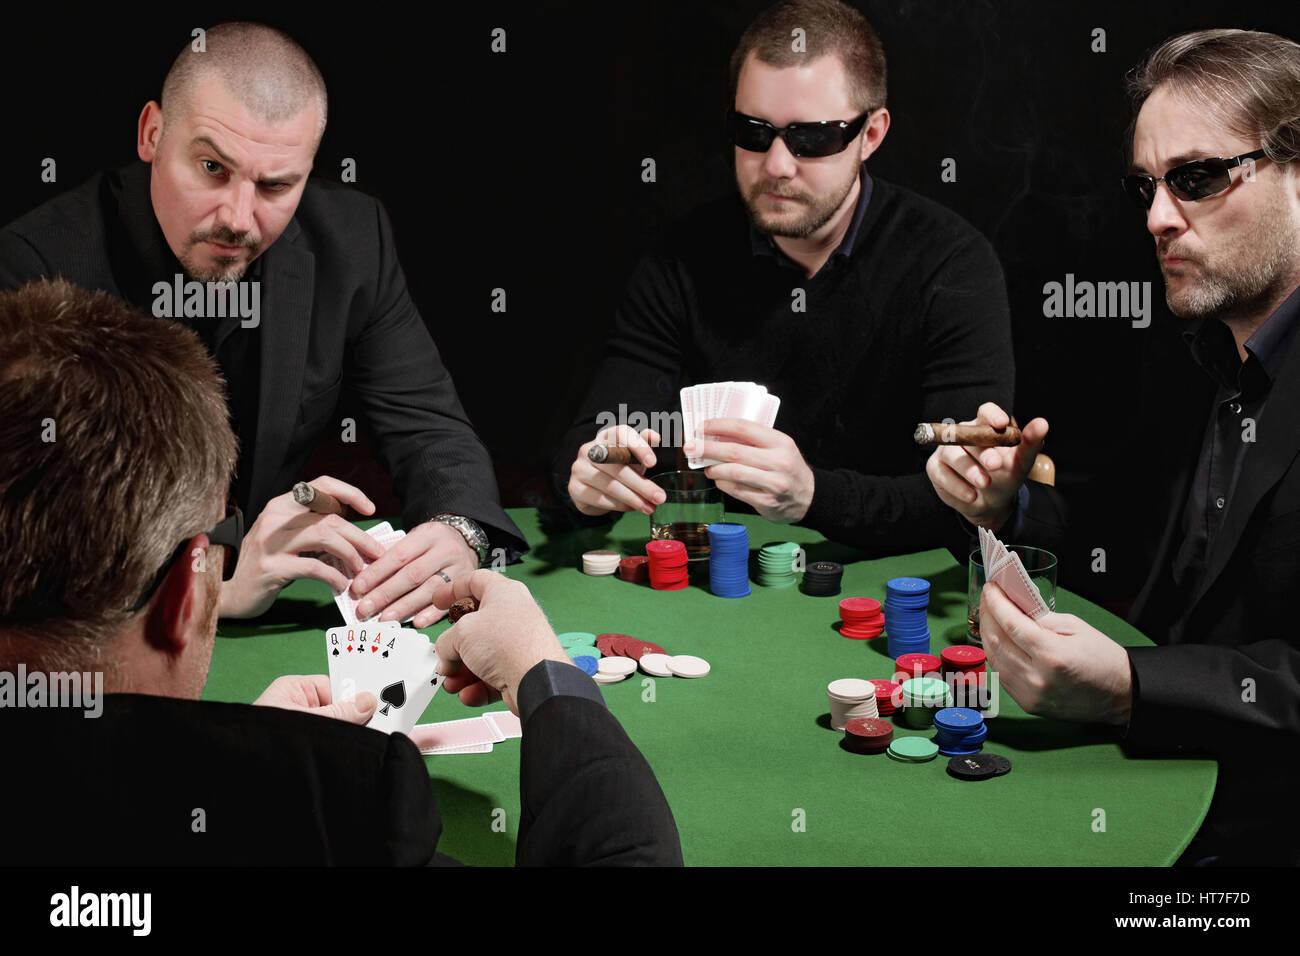 Smoking gambling steven gambling